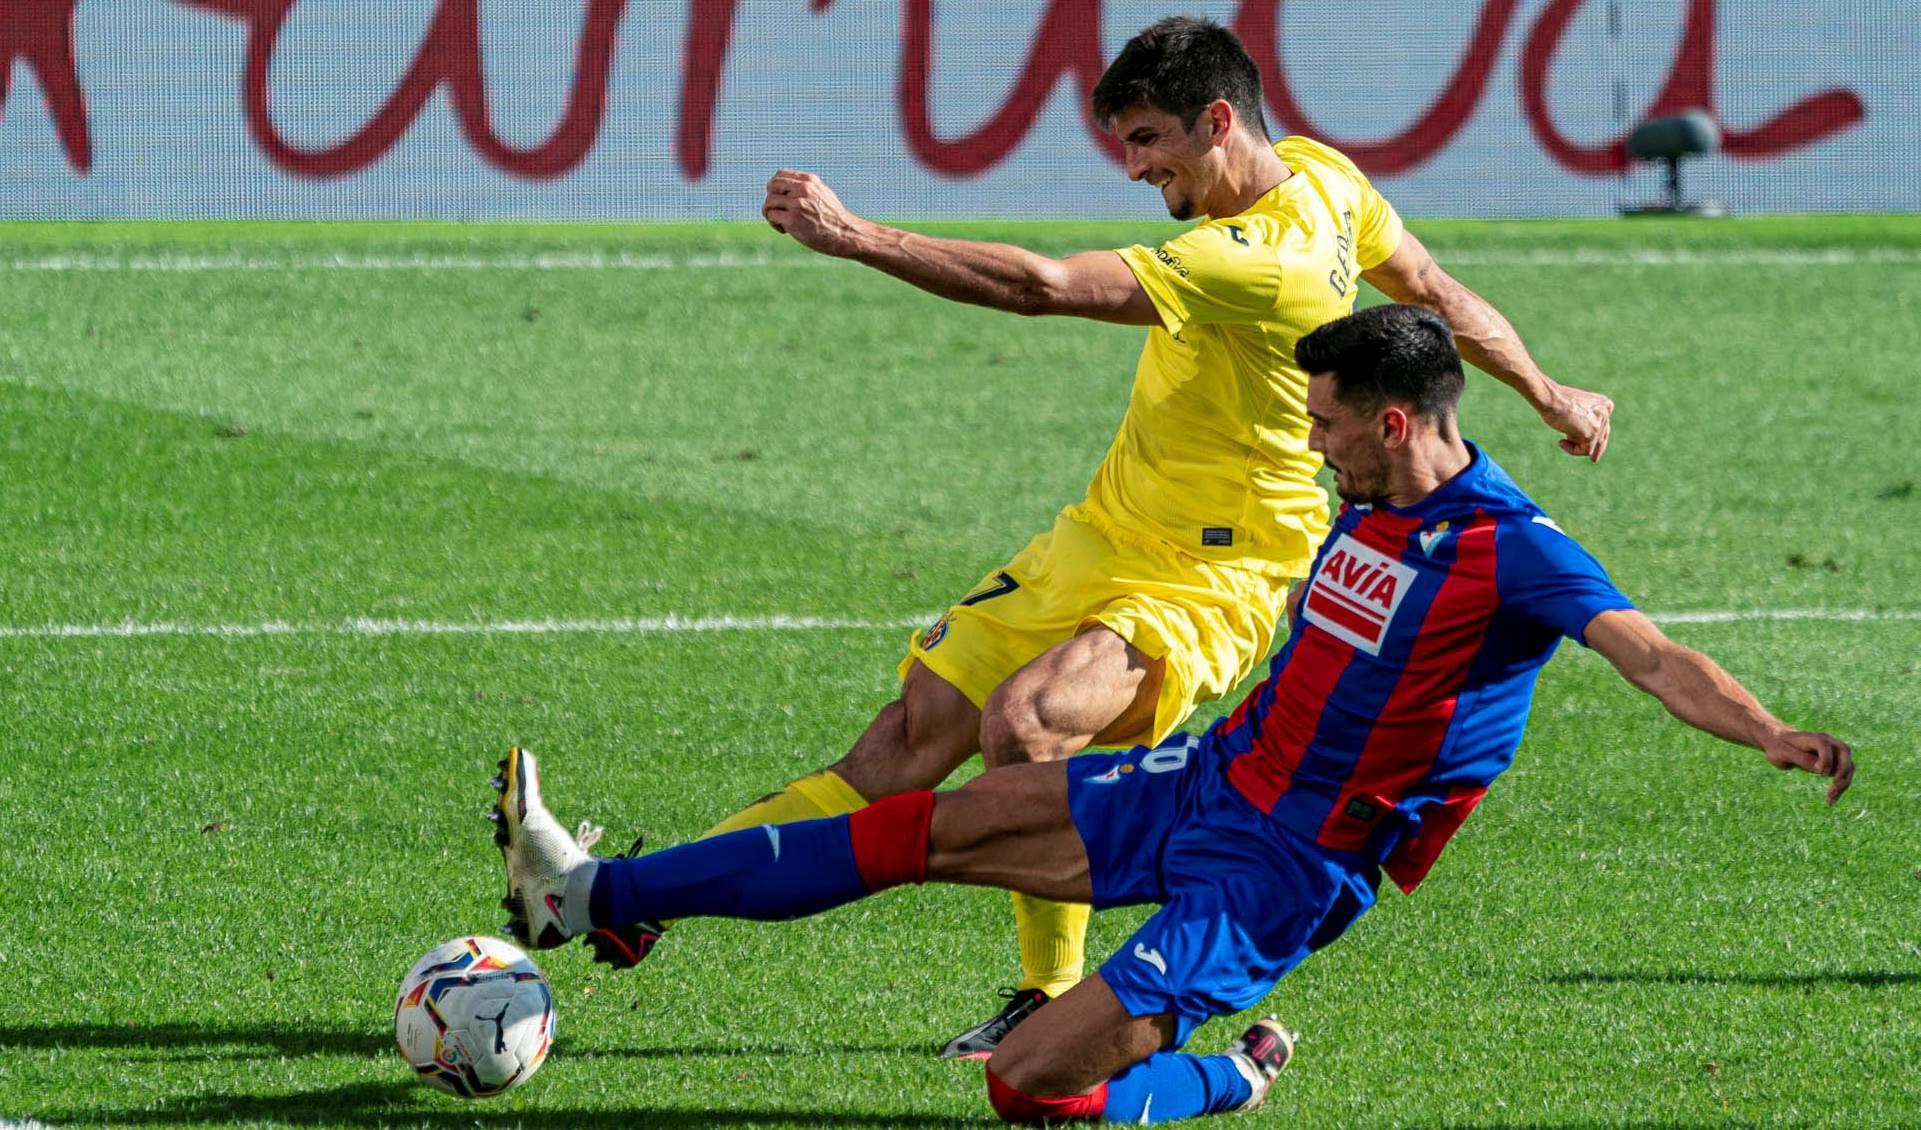 الدوري الإسباني: فياريال يحقق انتصاره الأول بشق الأنفس